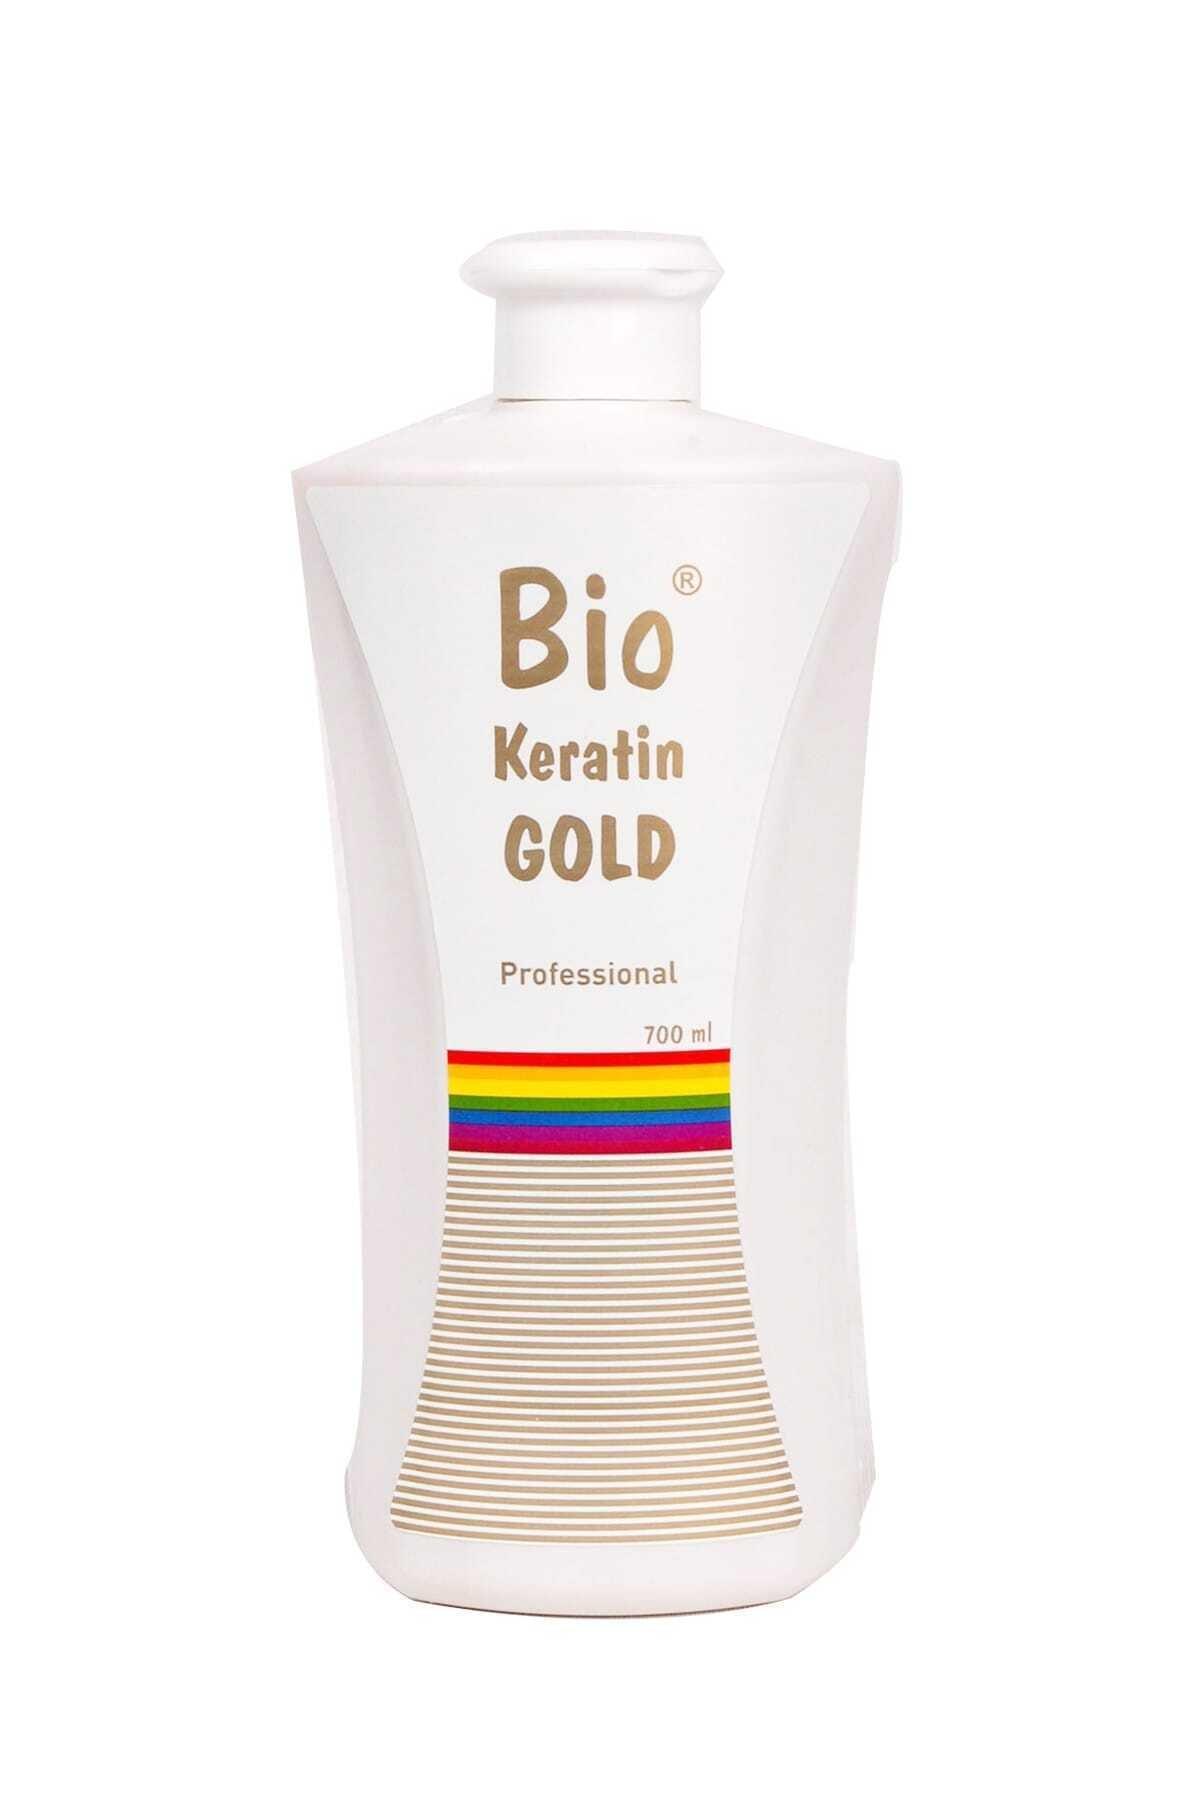 Bio Keratin Gold Brezilya Fönü Keratini 700 ml 8681546031073 1